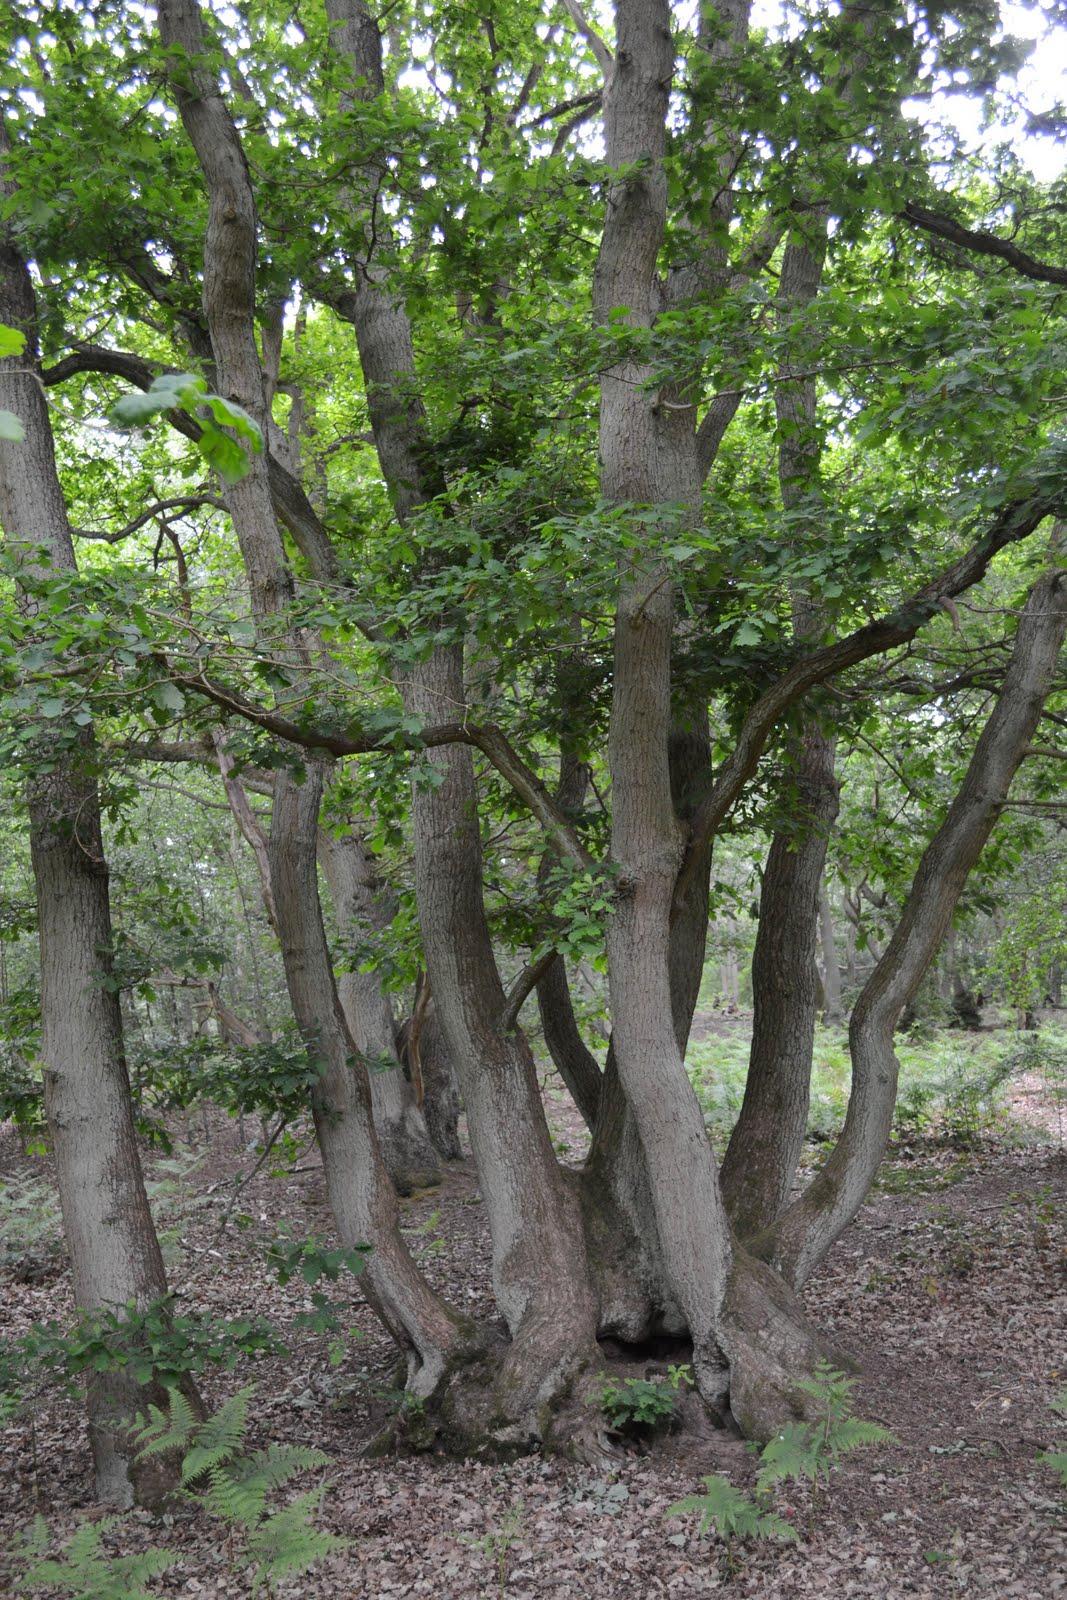 Walks among flowers: buckinghamshire bedfordshire border